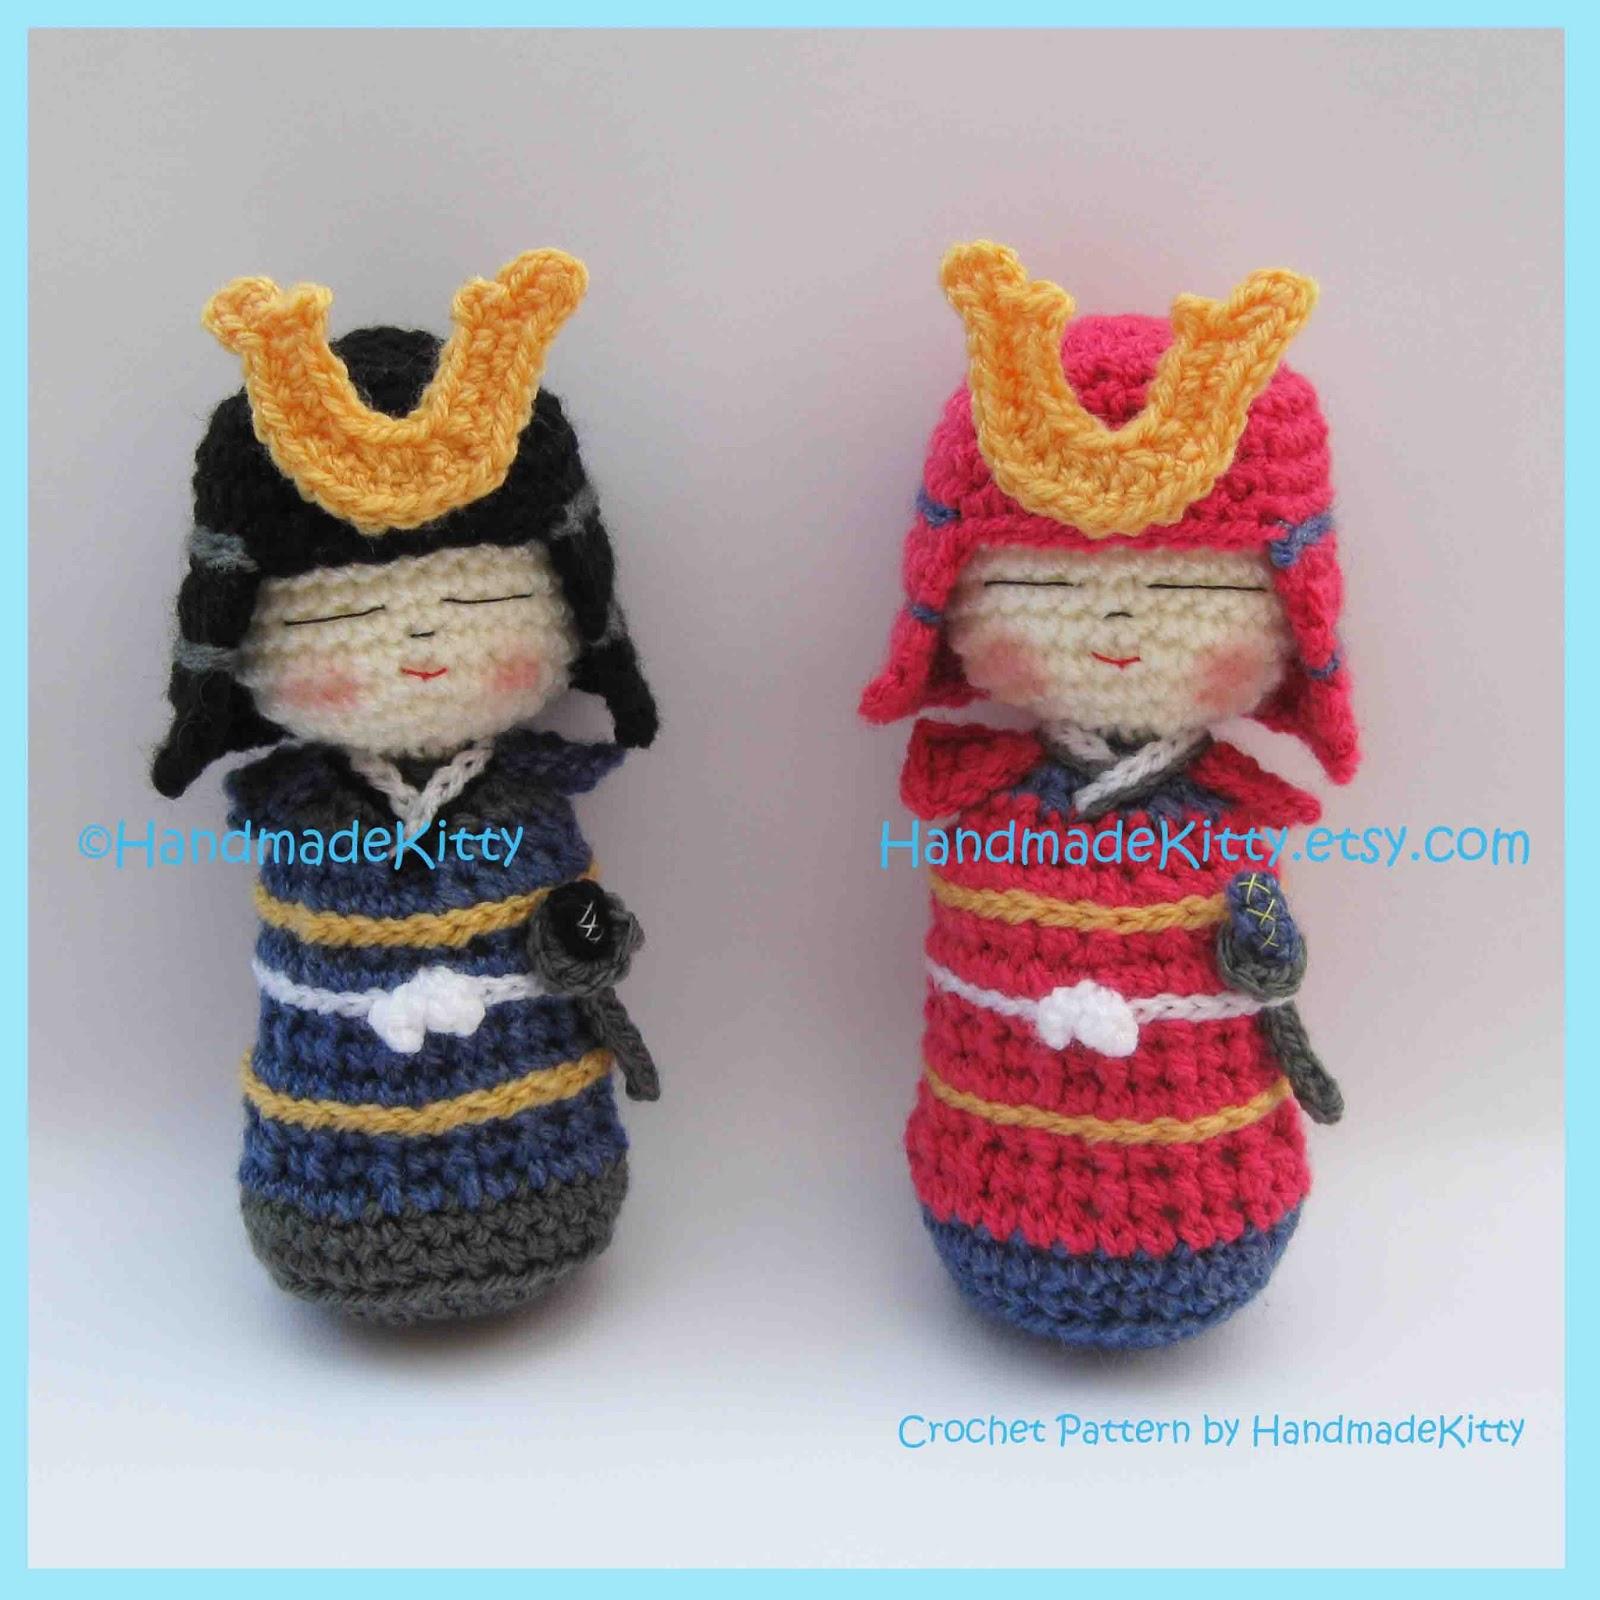 Free Onigiri Couple Amigurumi Crochet Pattern By Handmadekitty : HandmadeKitty: Samurai Kokeshi Amigurumi PDF Crochet ...